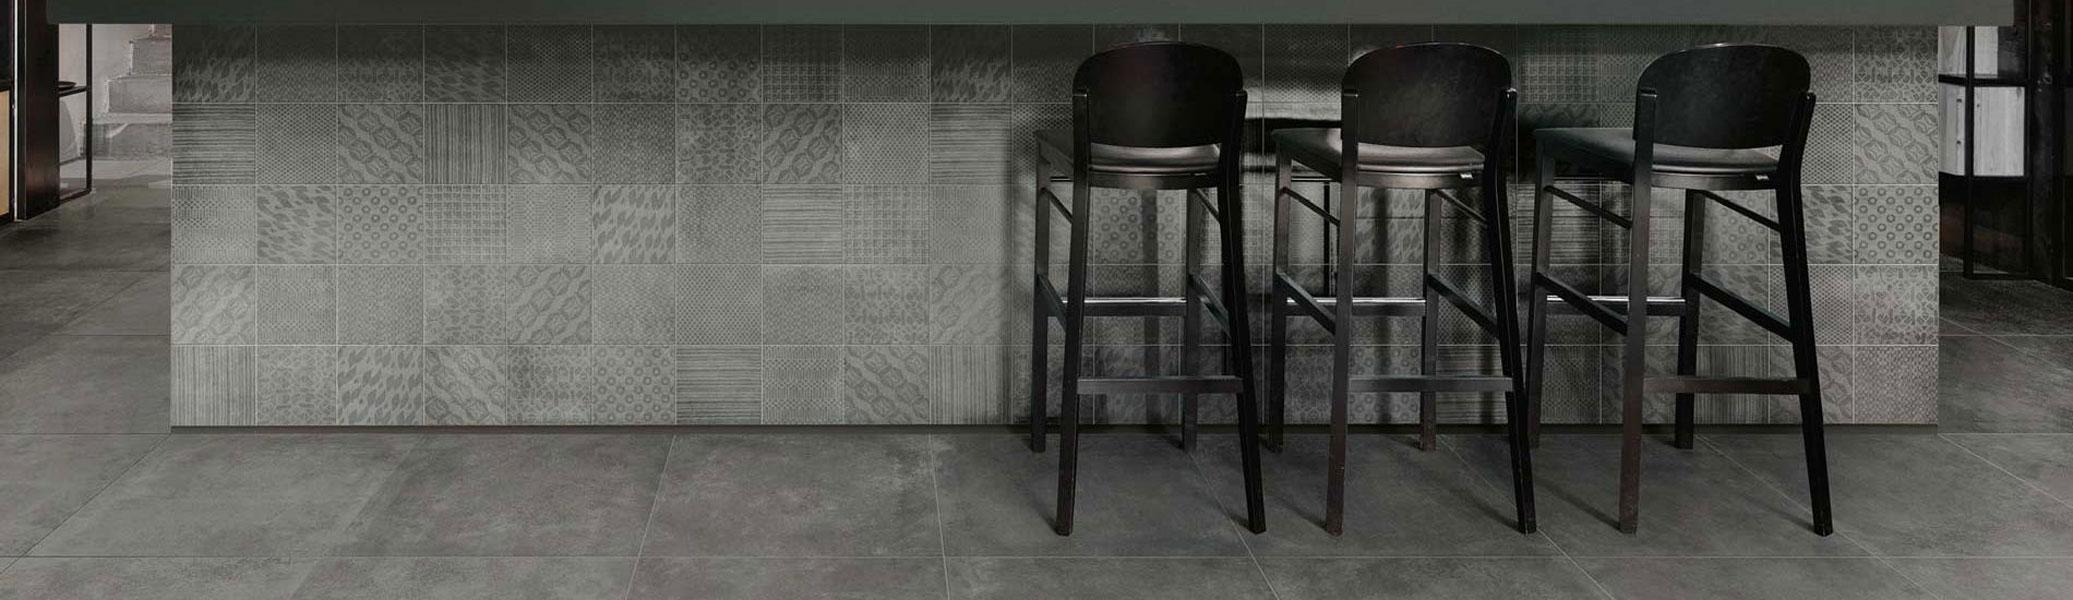 banner-midtown-concrete-look-floor-wall-tile-unicom-starker-1900x550